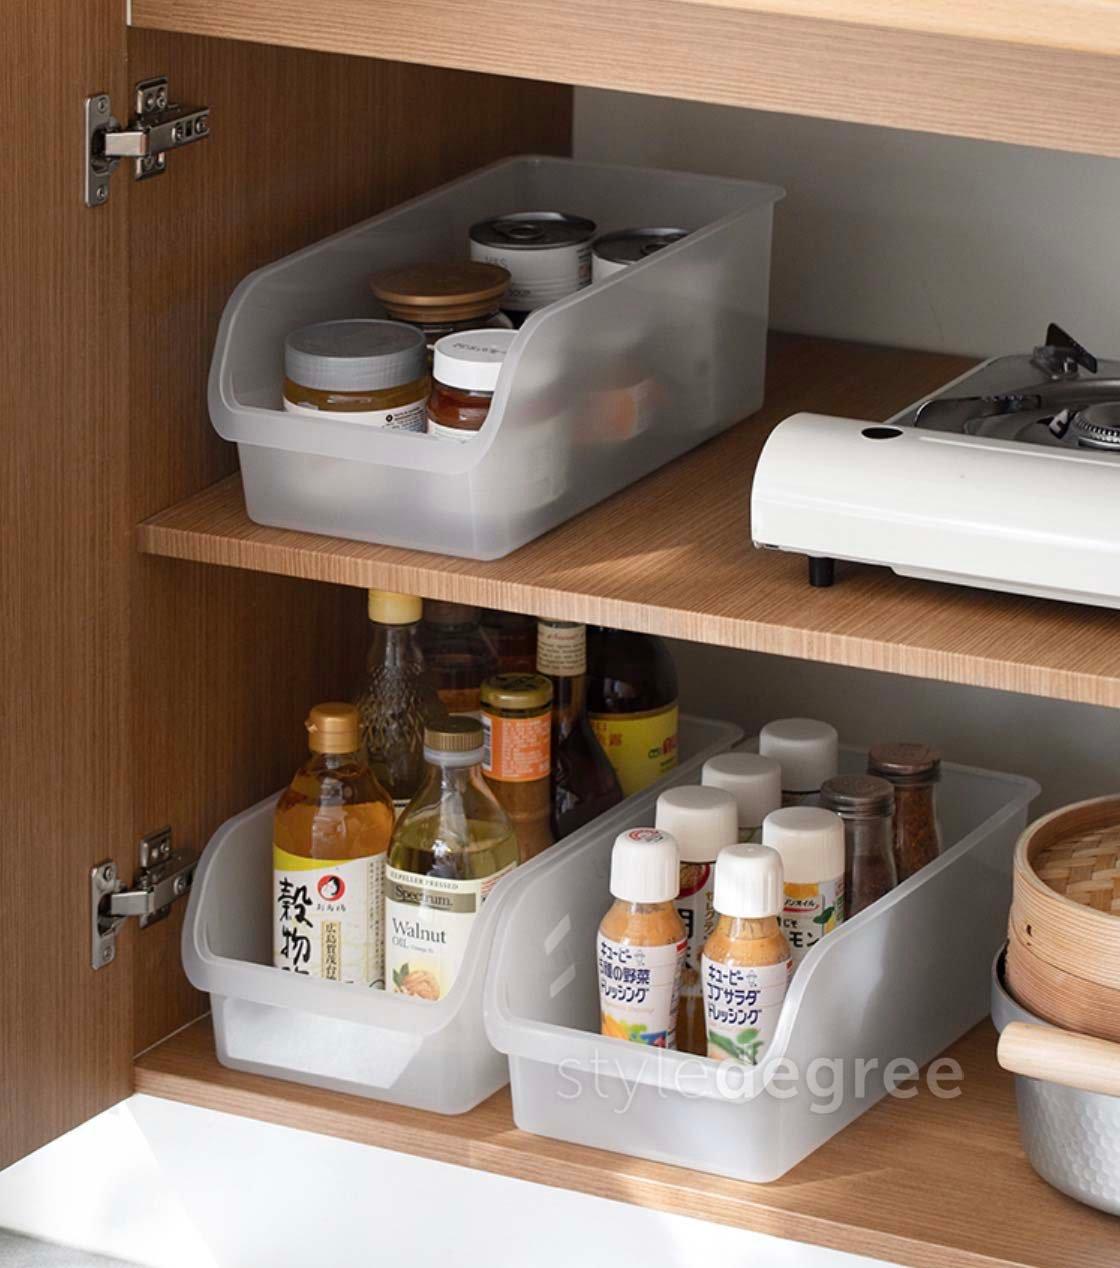 Fridge & Cabinet Organizer | Kitchen Accessories | Style ...